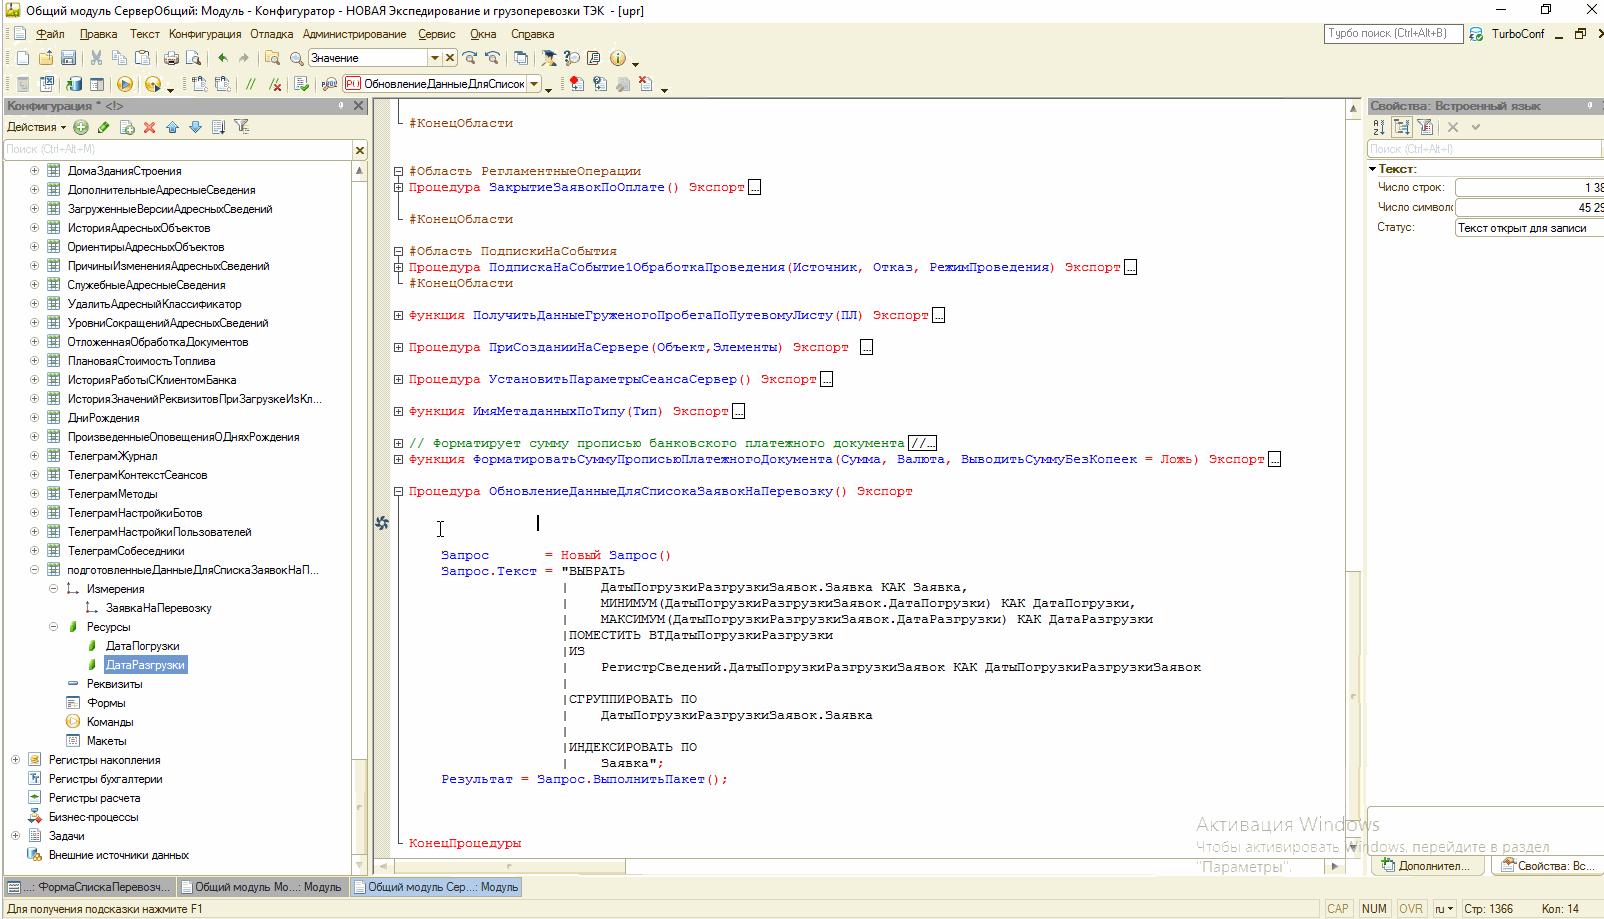 Image https://turboconf.ru/Content/Files/0E0CB0262E6D00CD8DEB8BD012D4A36991415948/2956829db10f4b0fb3f8d5dcc1843627_2006.png